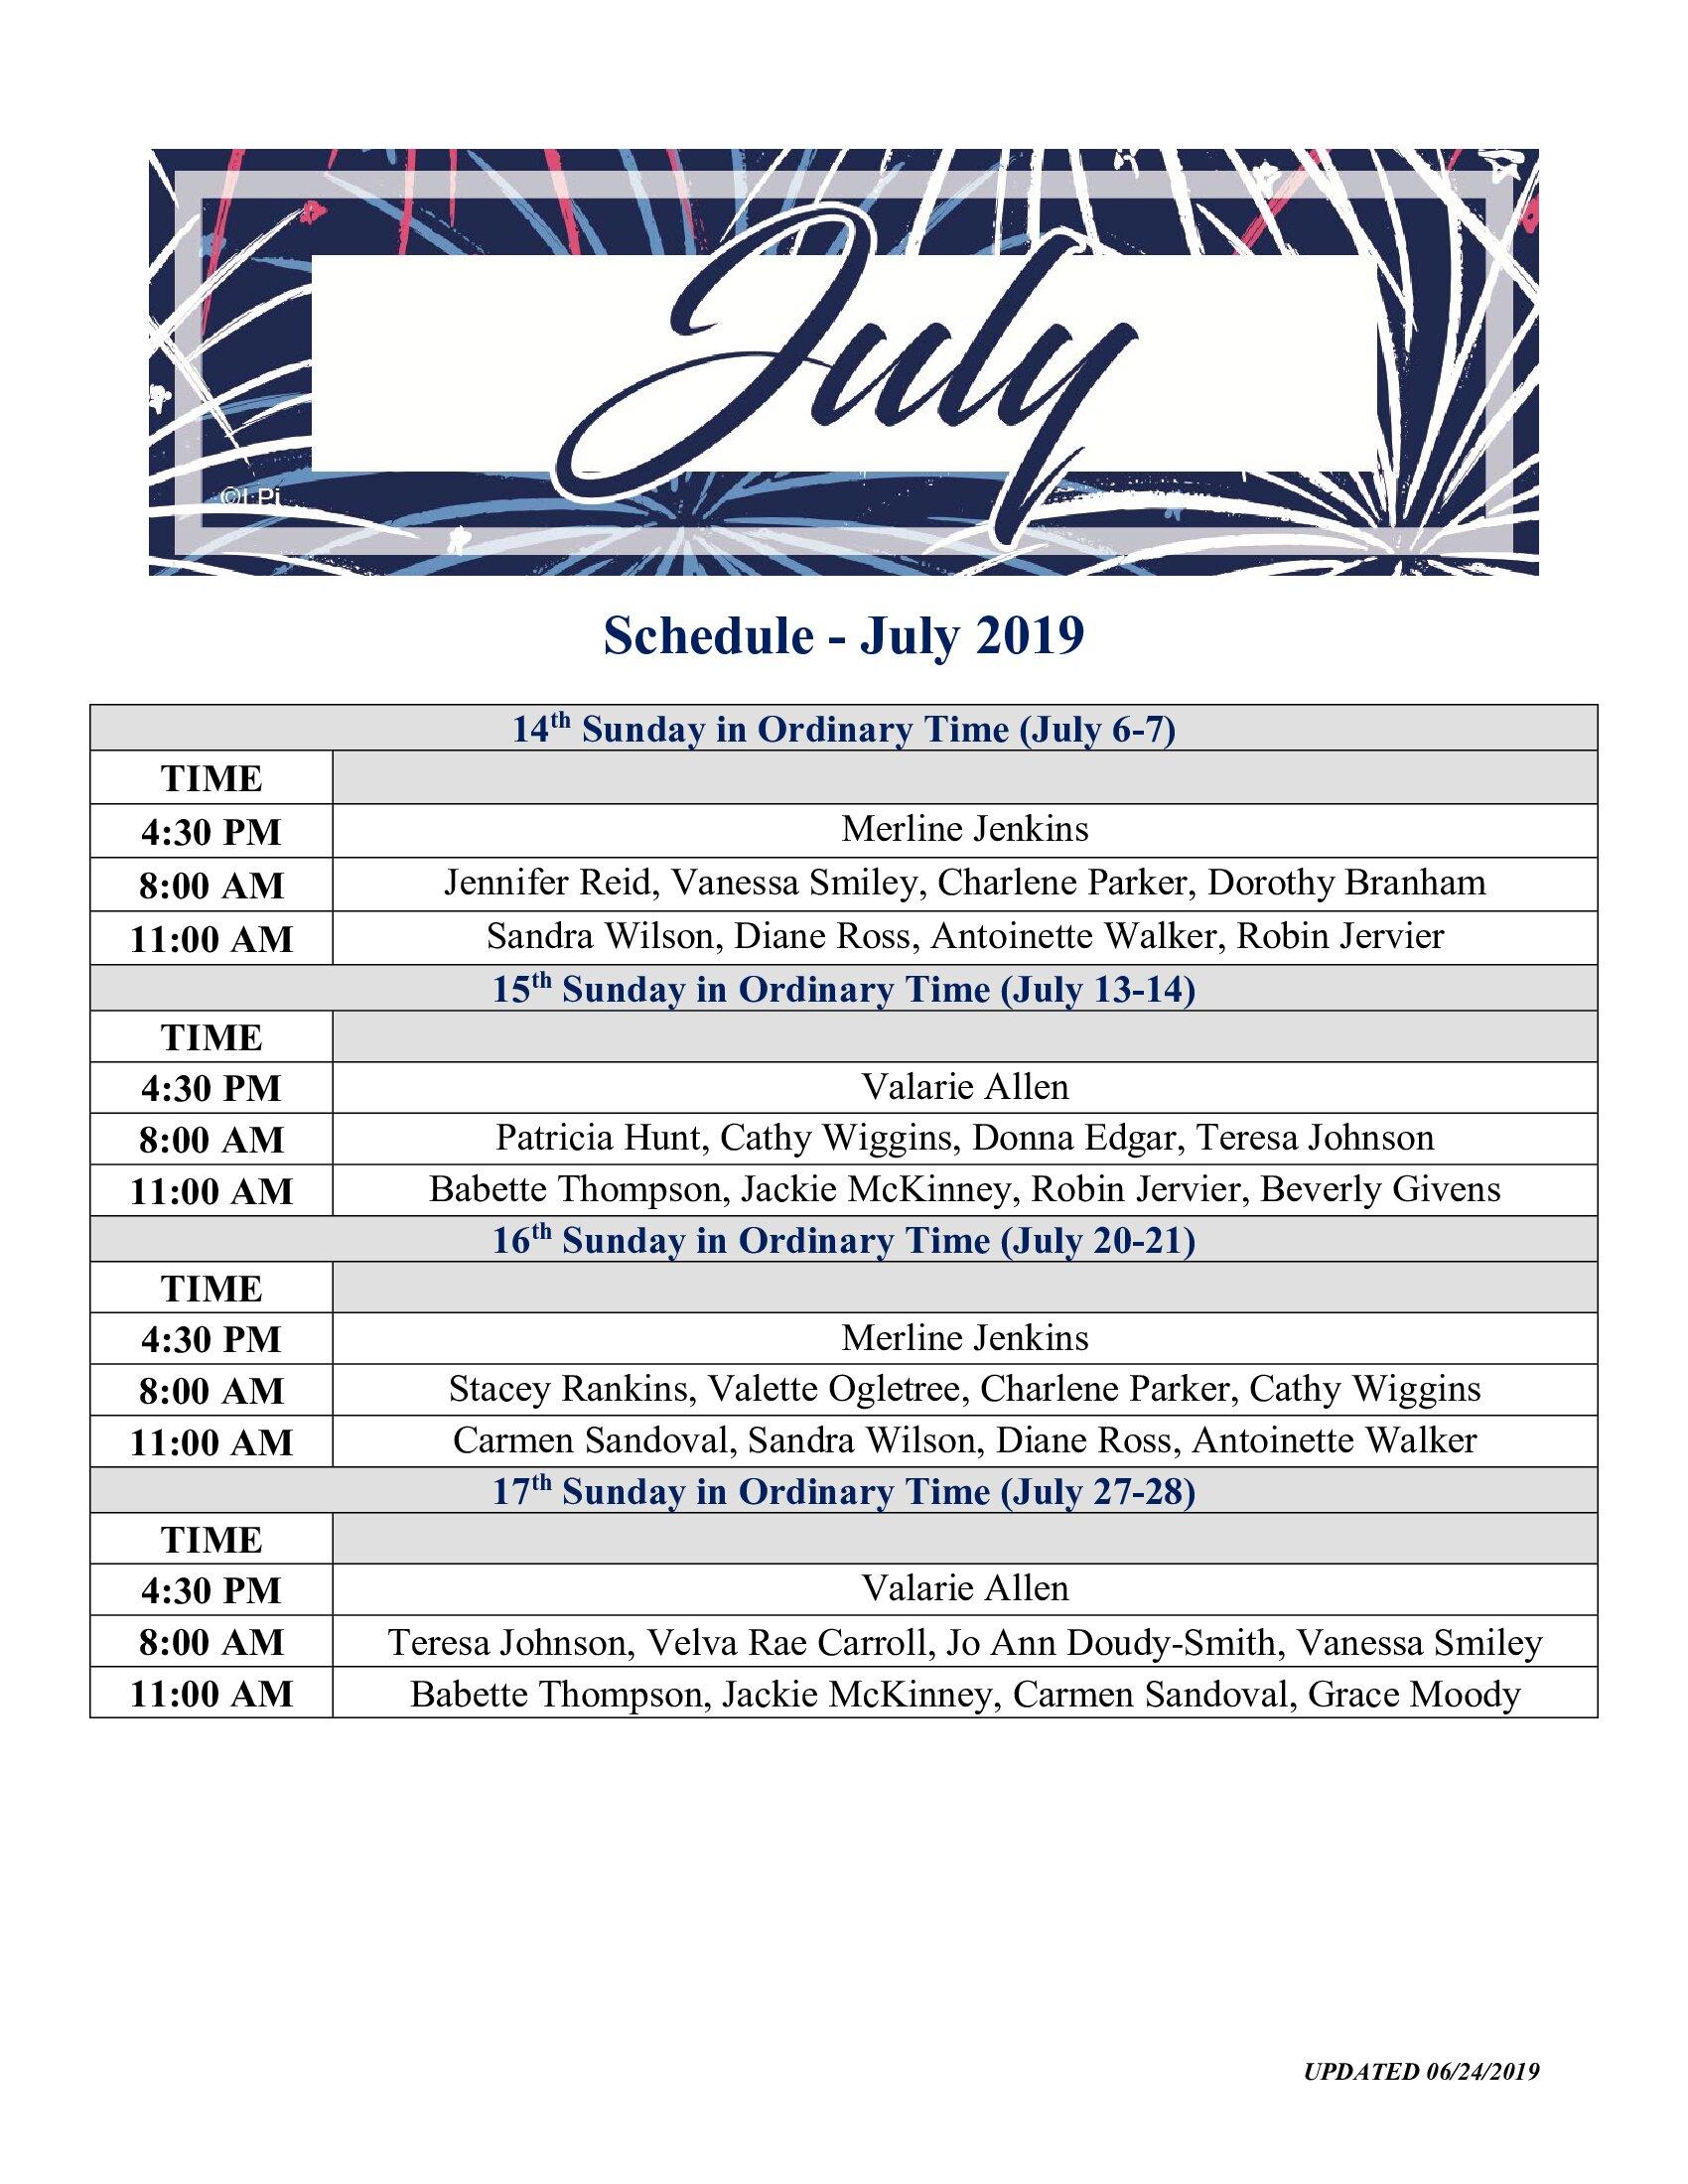 July 2019 Schedule.jpg